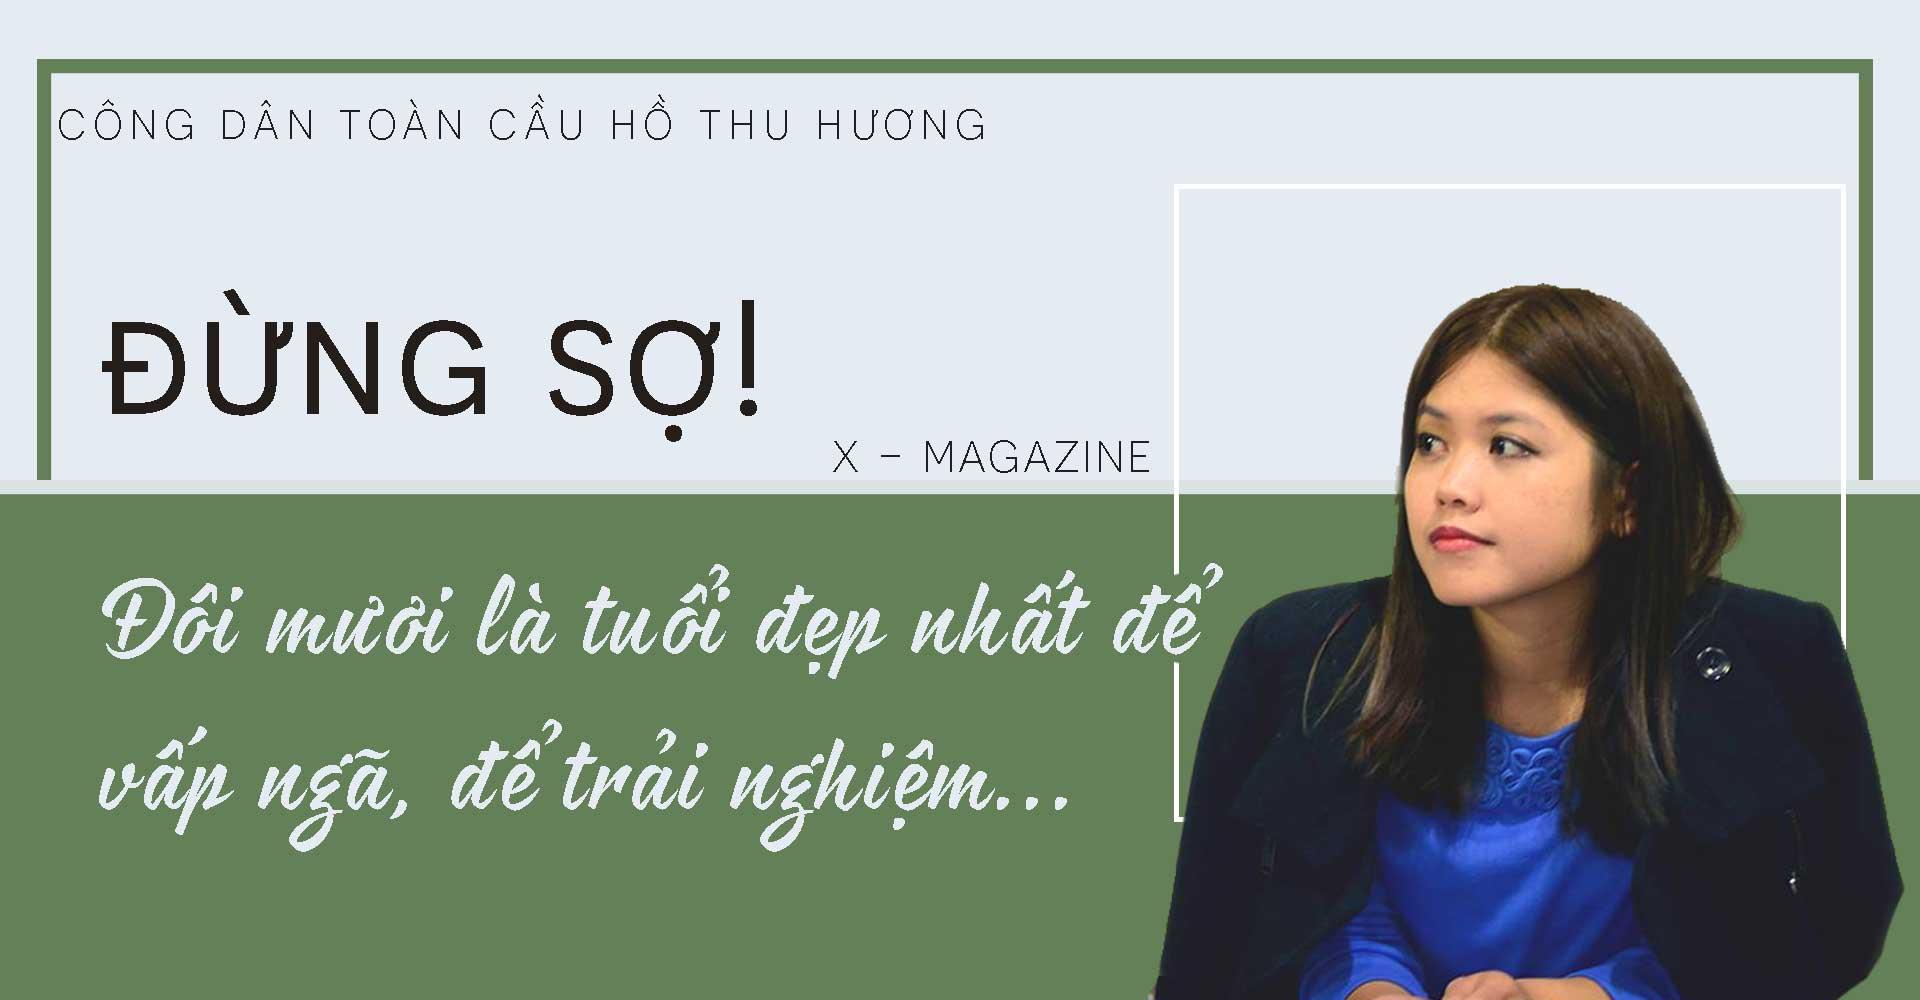 """Công dân toàn cầu Hồ Thu Hương: """"Đừng sợ, đôi mươi là tuổi đẹp nhất để vấp ngã, để trải nghiệm"""""""